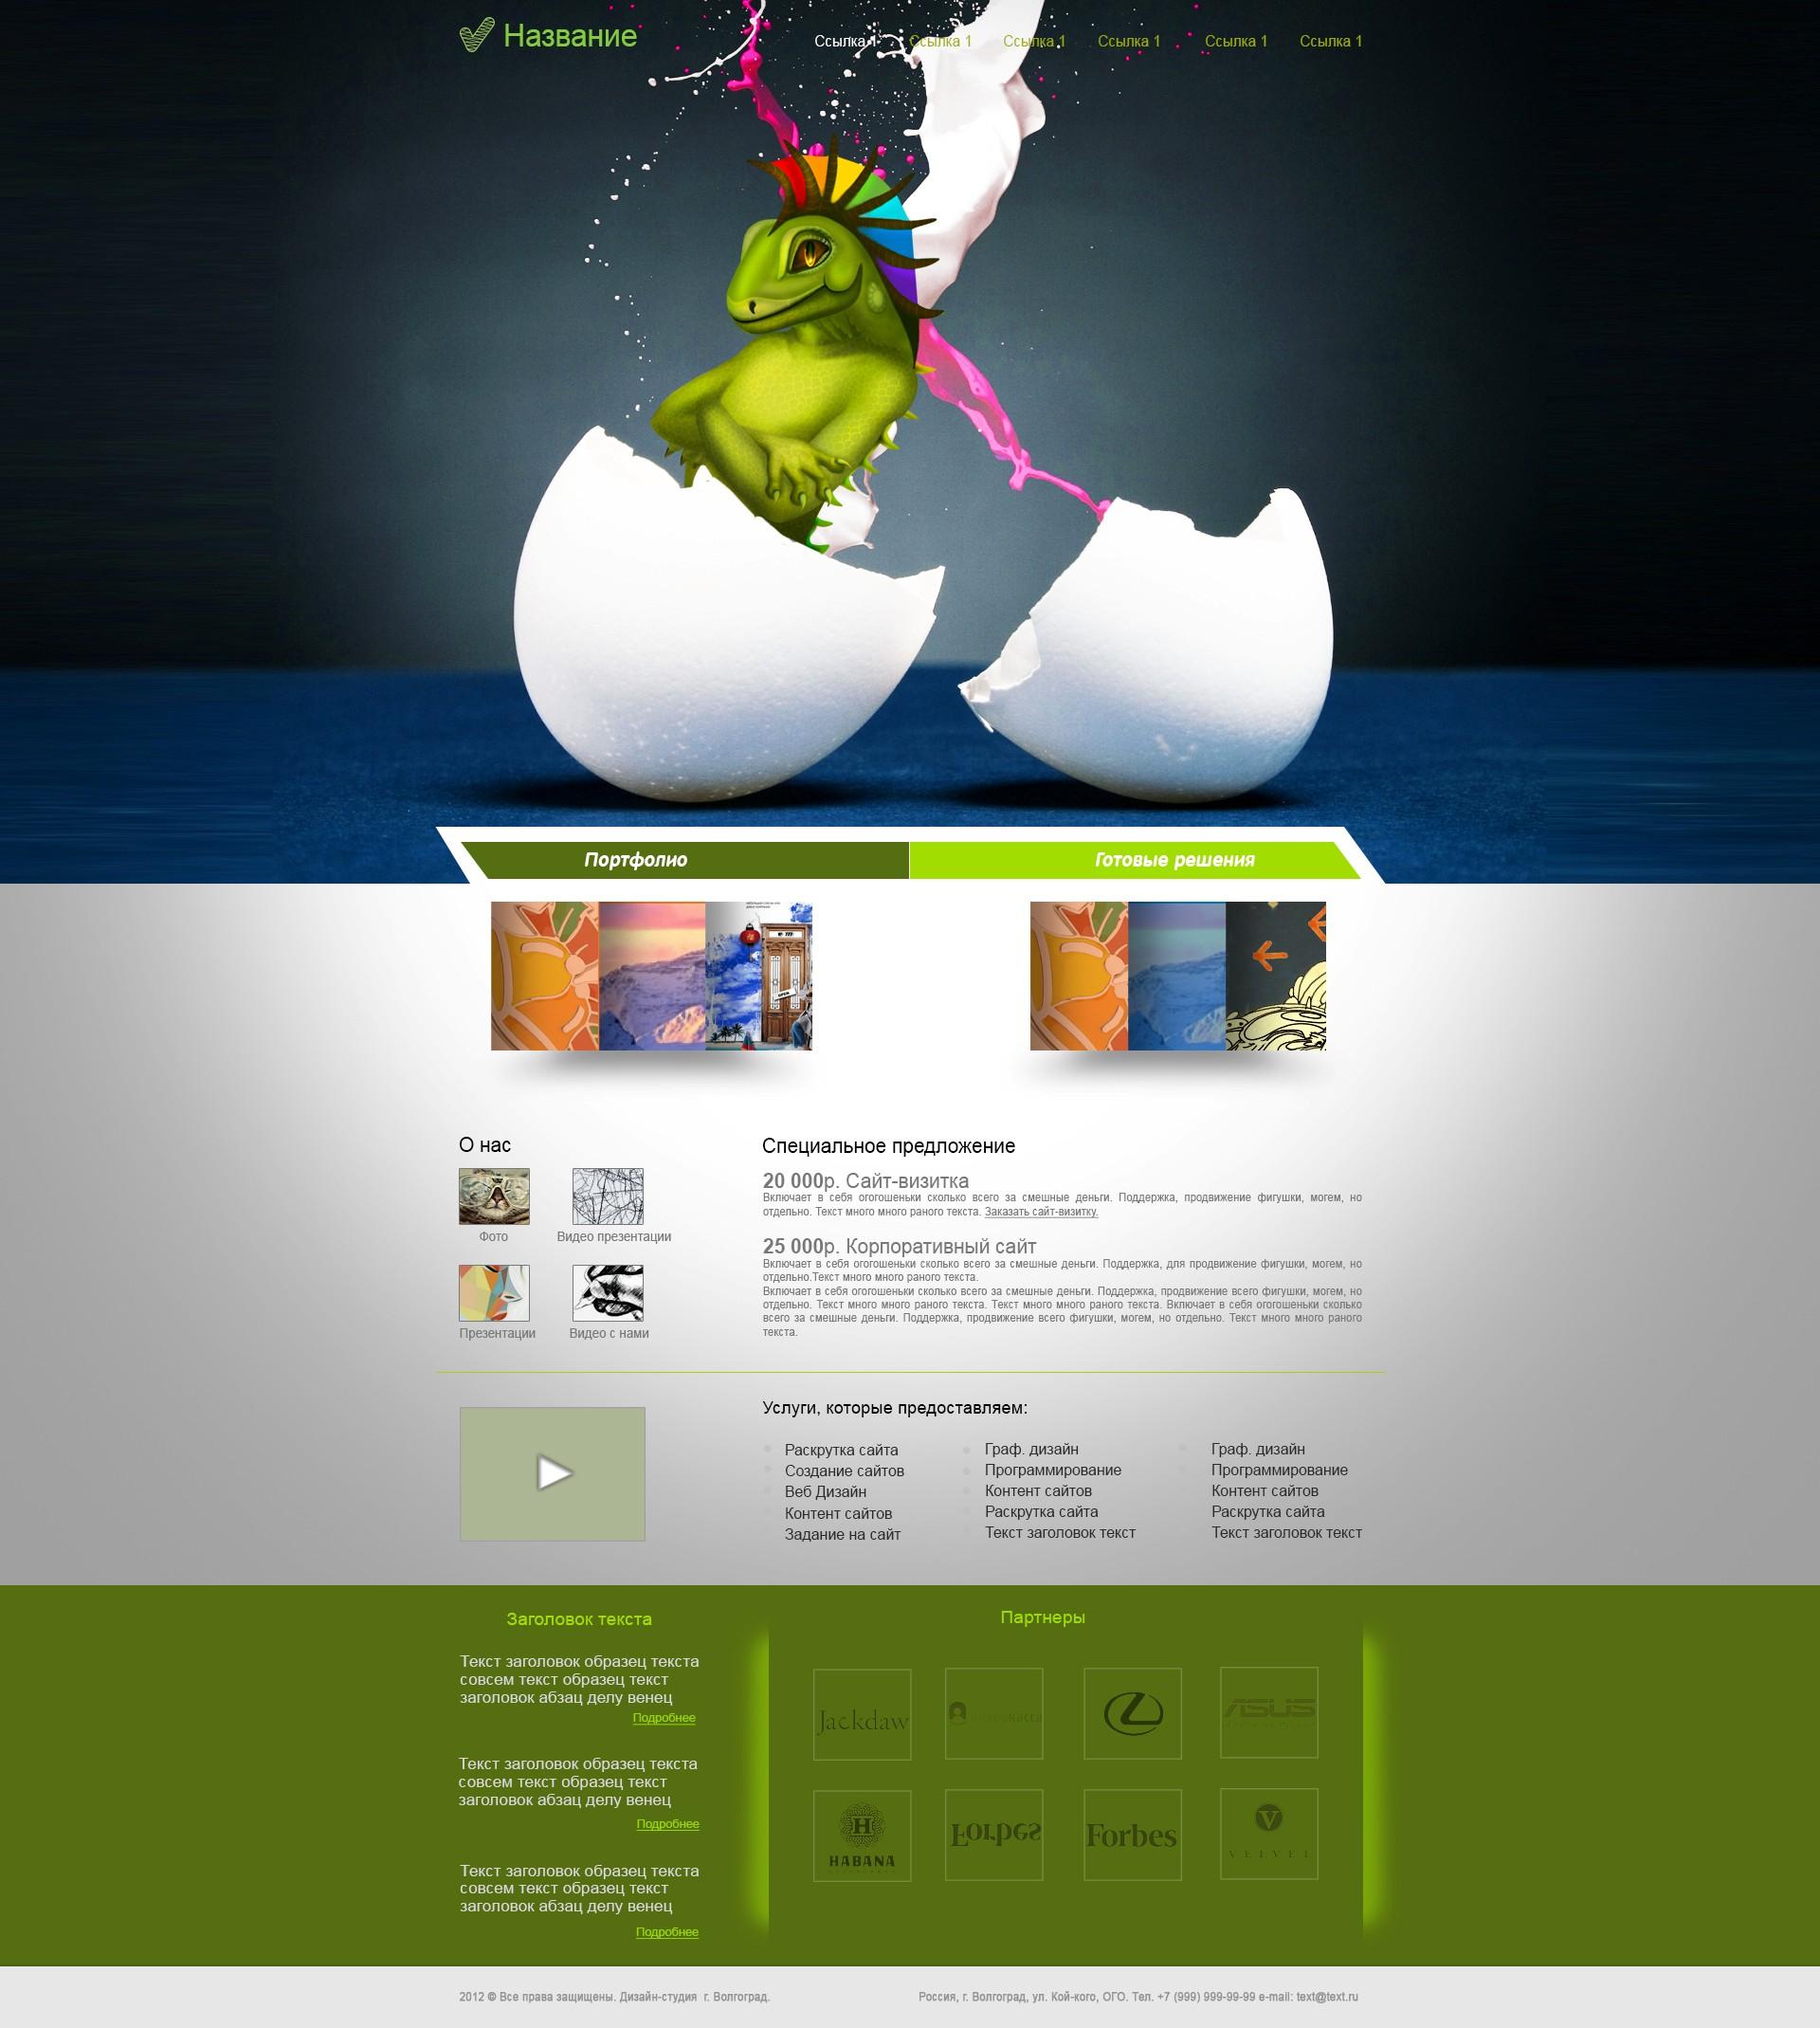 Заказ создания сайта или интернет магазина на тему интернет, на основании шаблона 10726